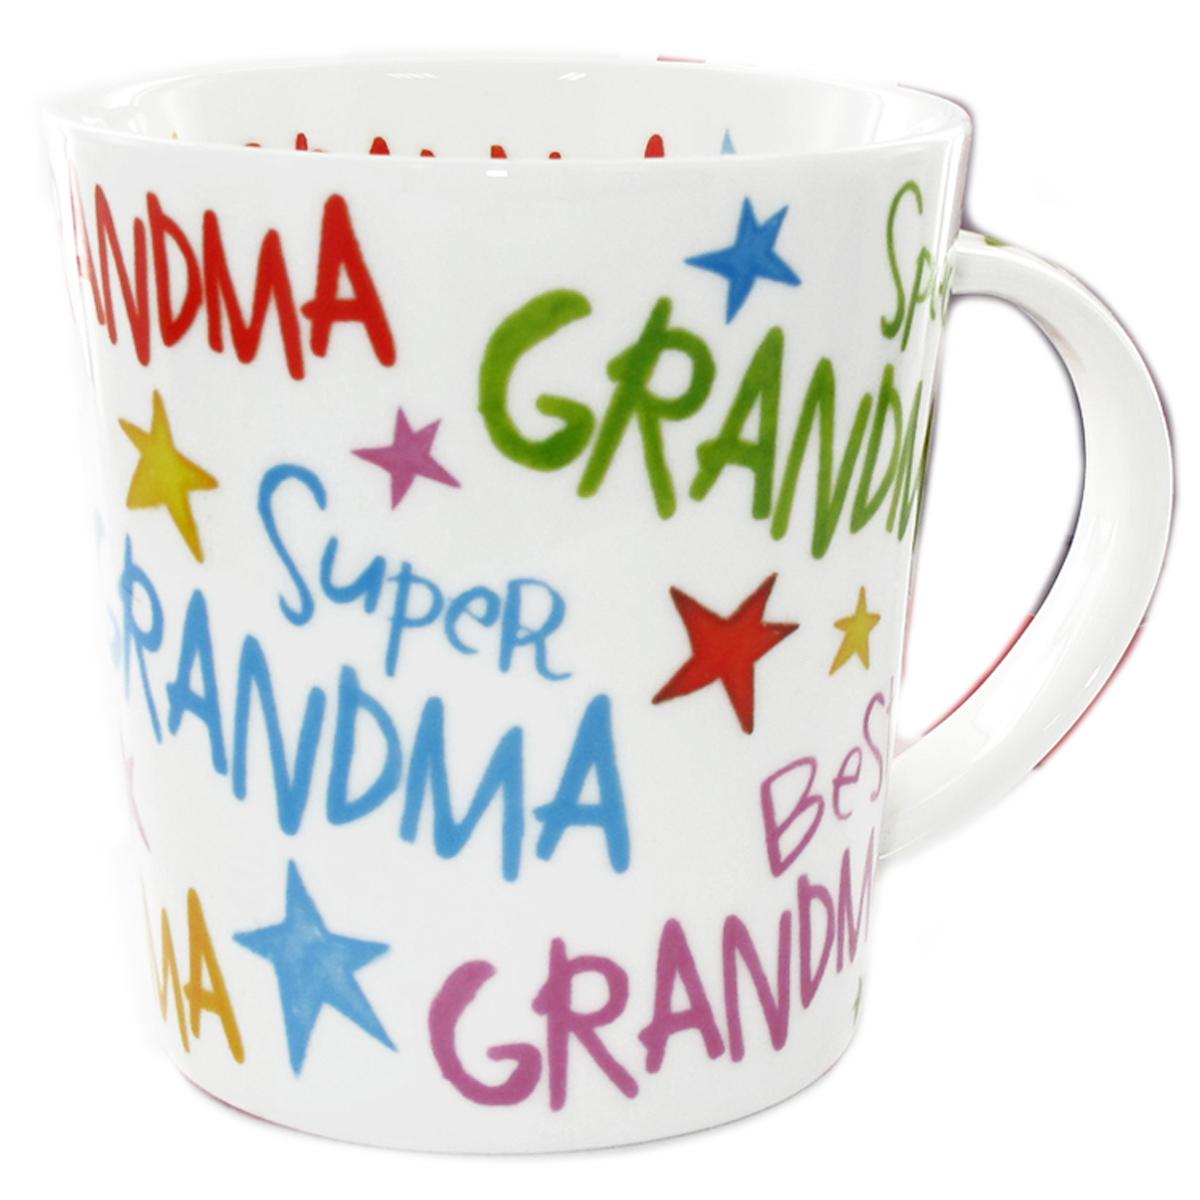 Mug porcelaine \'Messages\' (Special Grandma, Best Grandma, Super Grandma) - 9x9 cm - [Q7219]